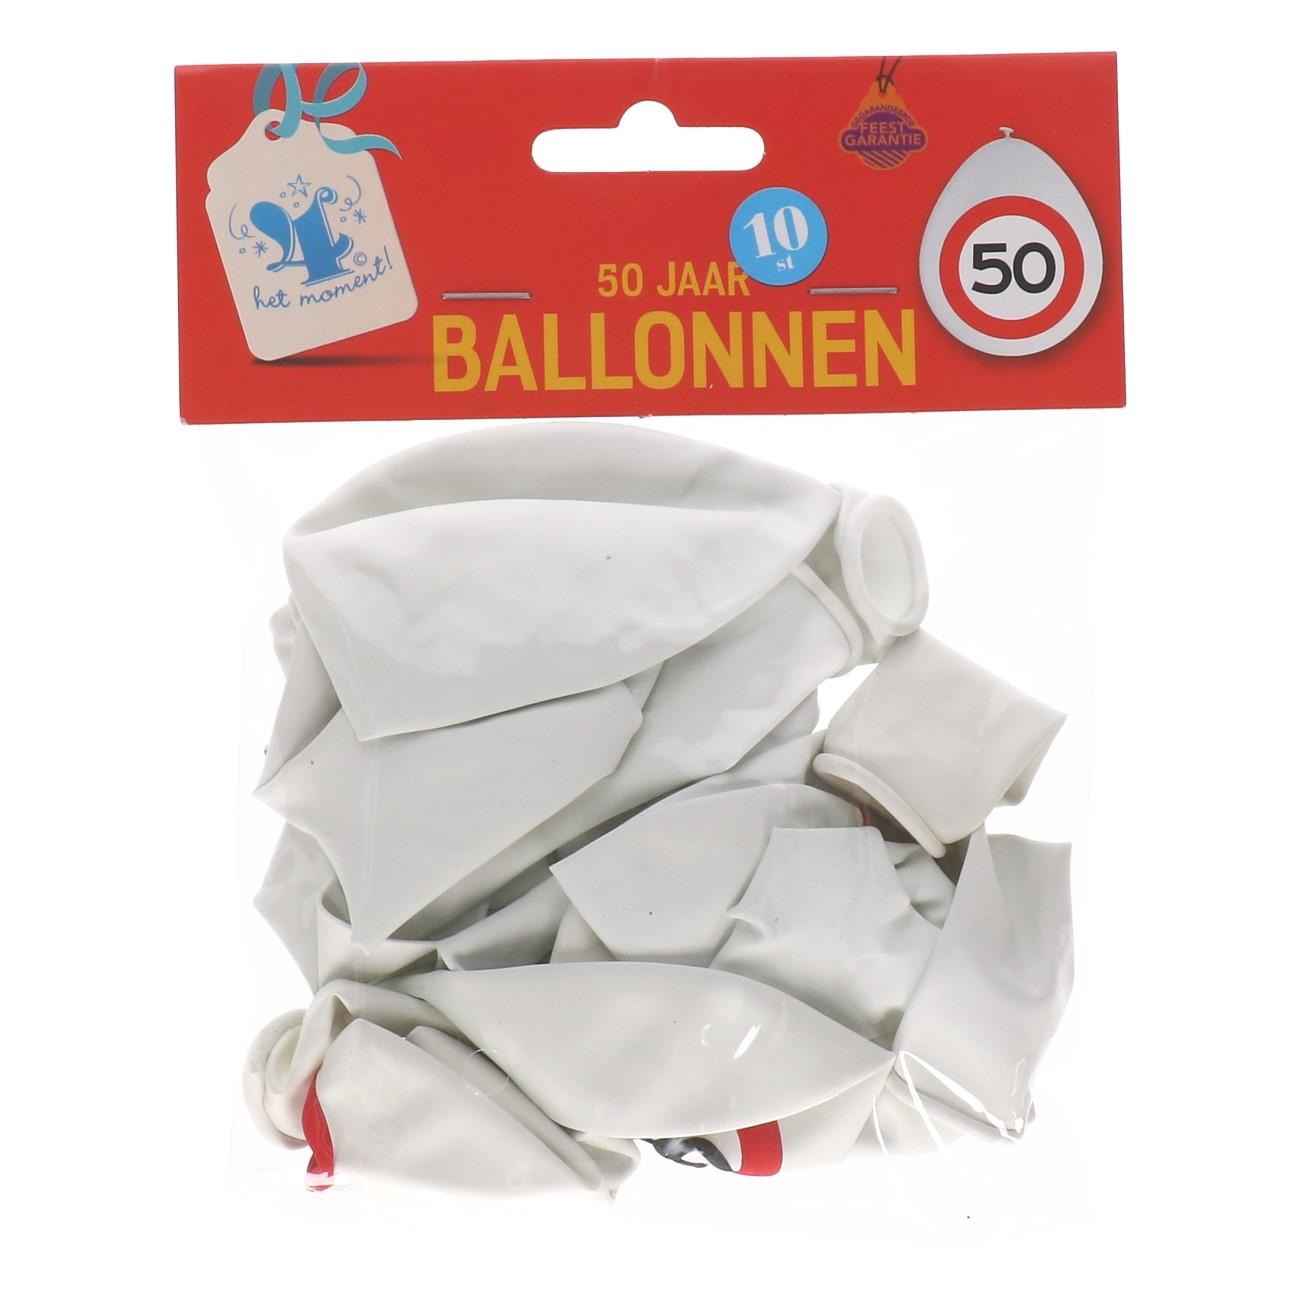 Ballonnen 50 jaar 10 stuks verkeersbord